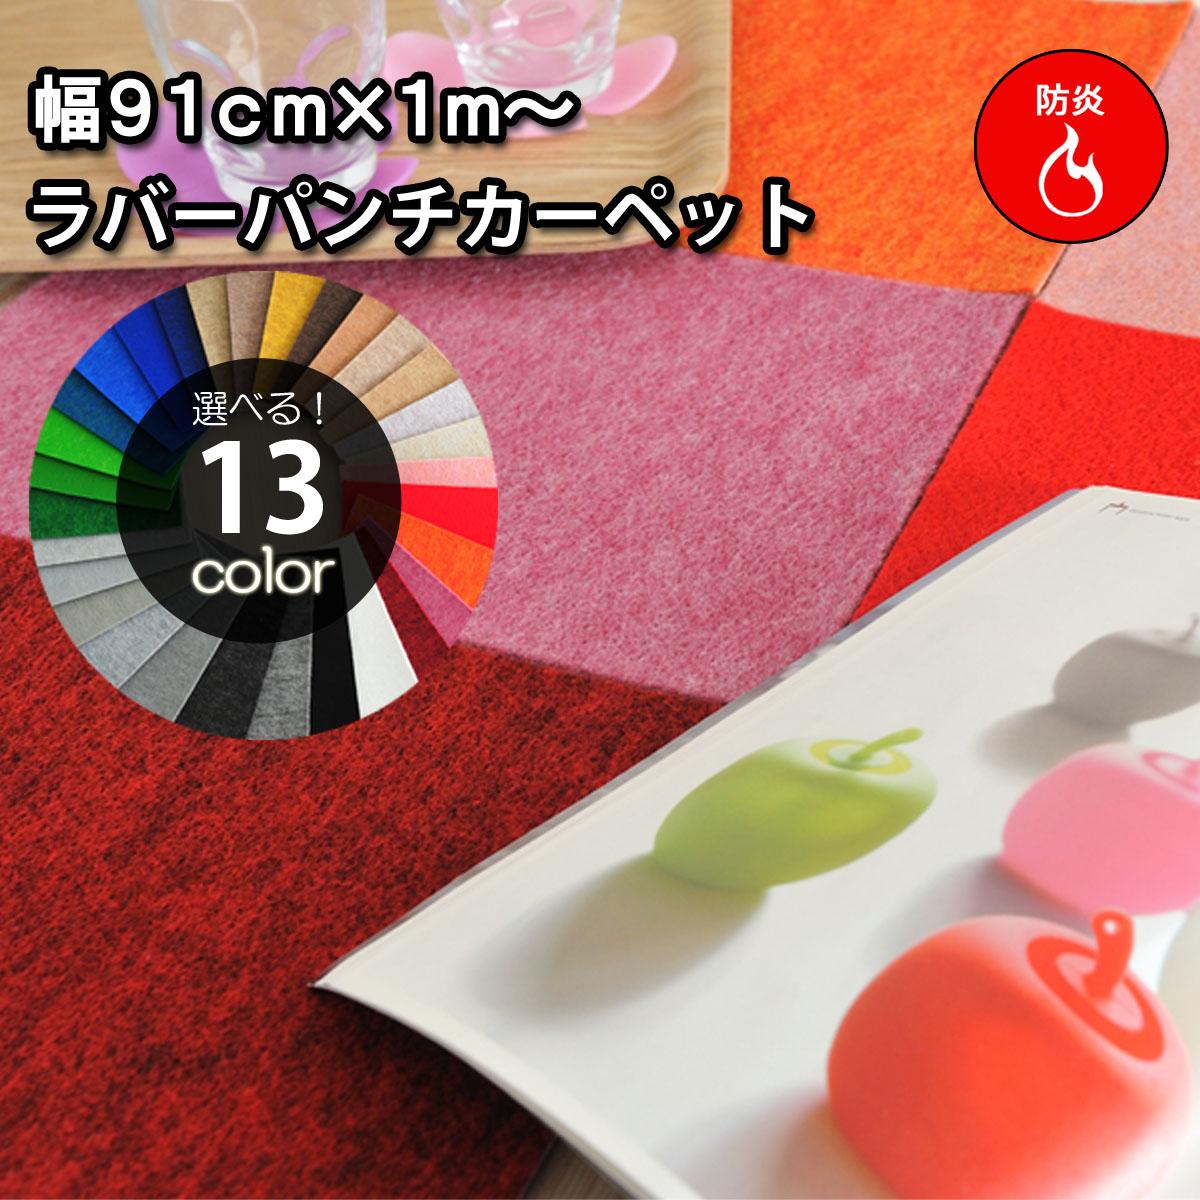 選べる30色のカラーバリエーション